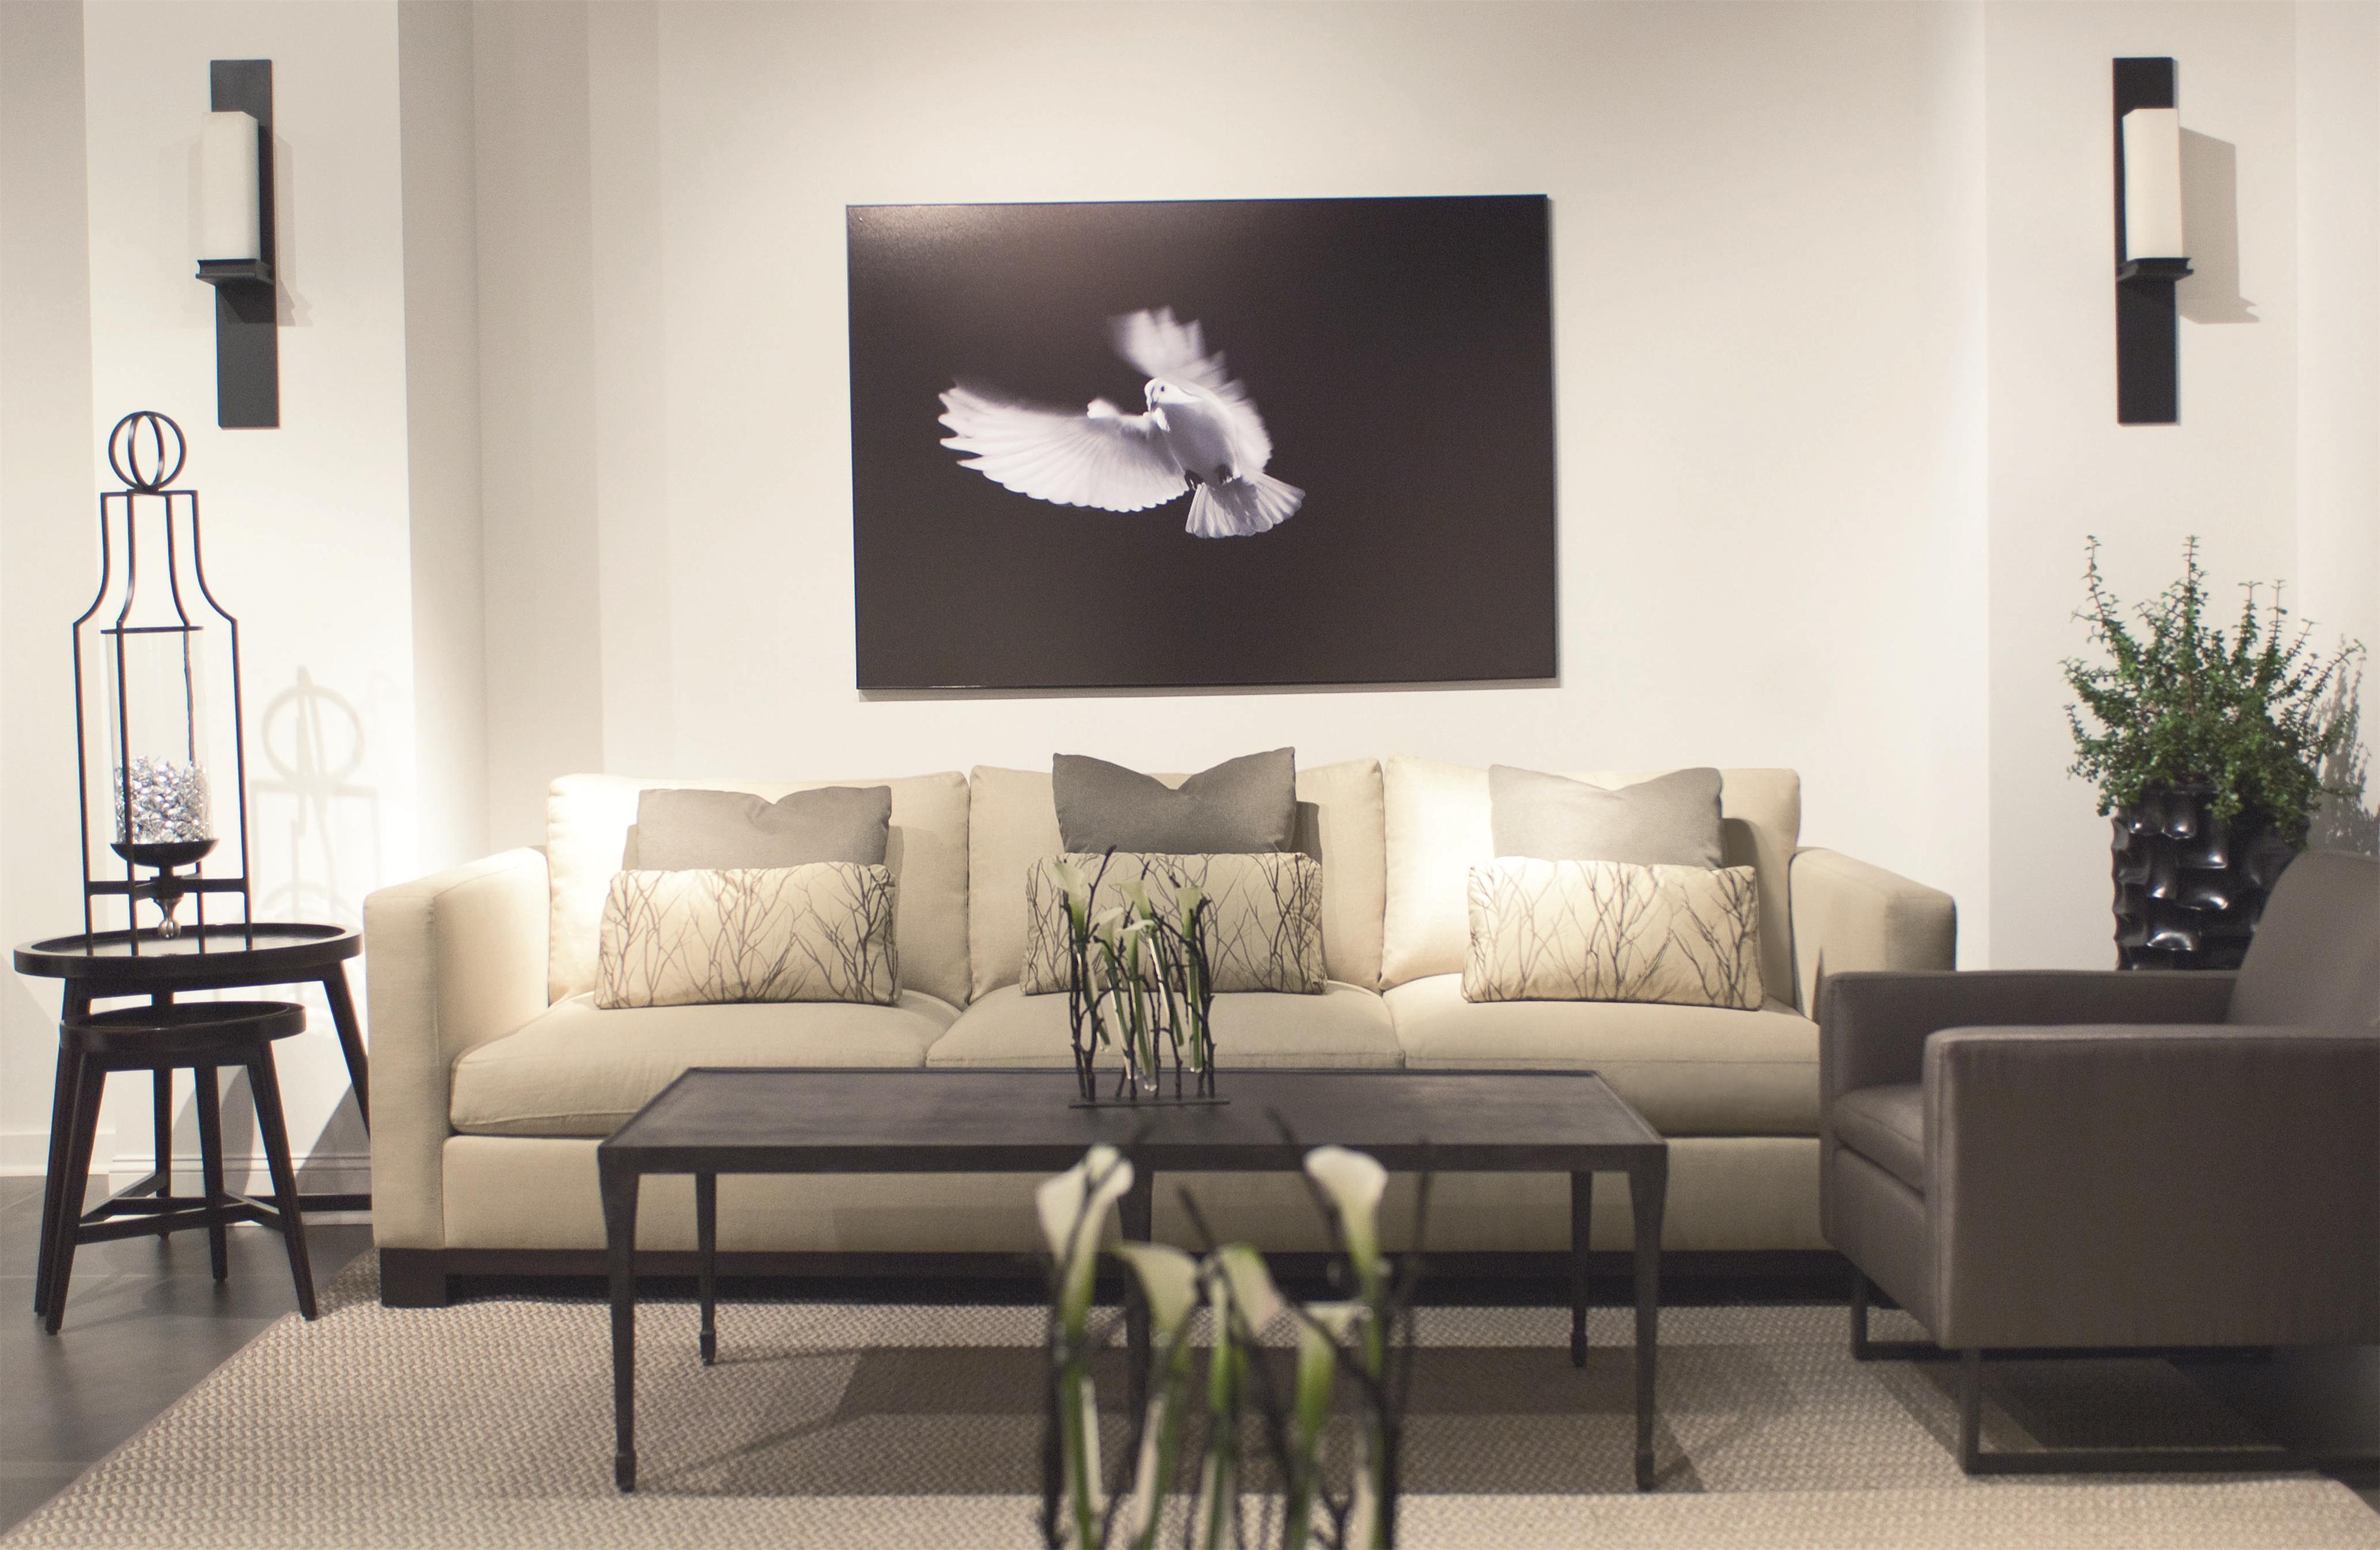 Interiors Halden 323 By Bernhardt Adcock Furniture